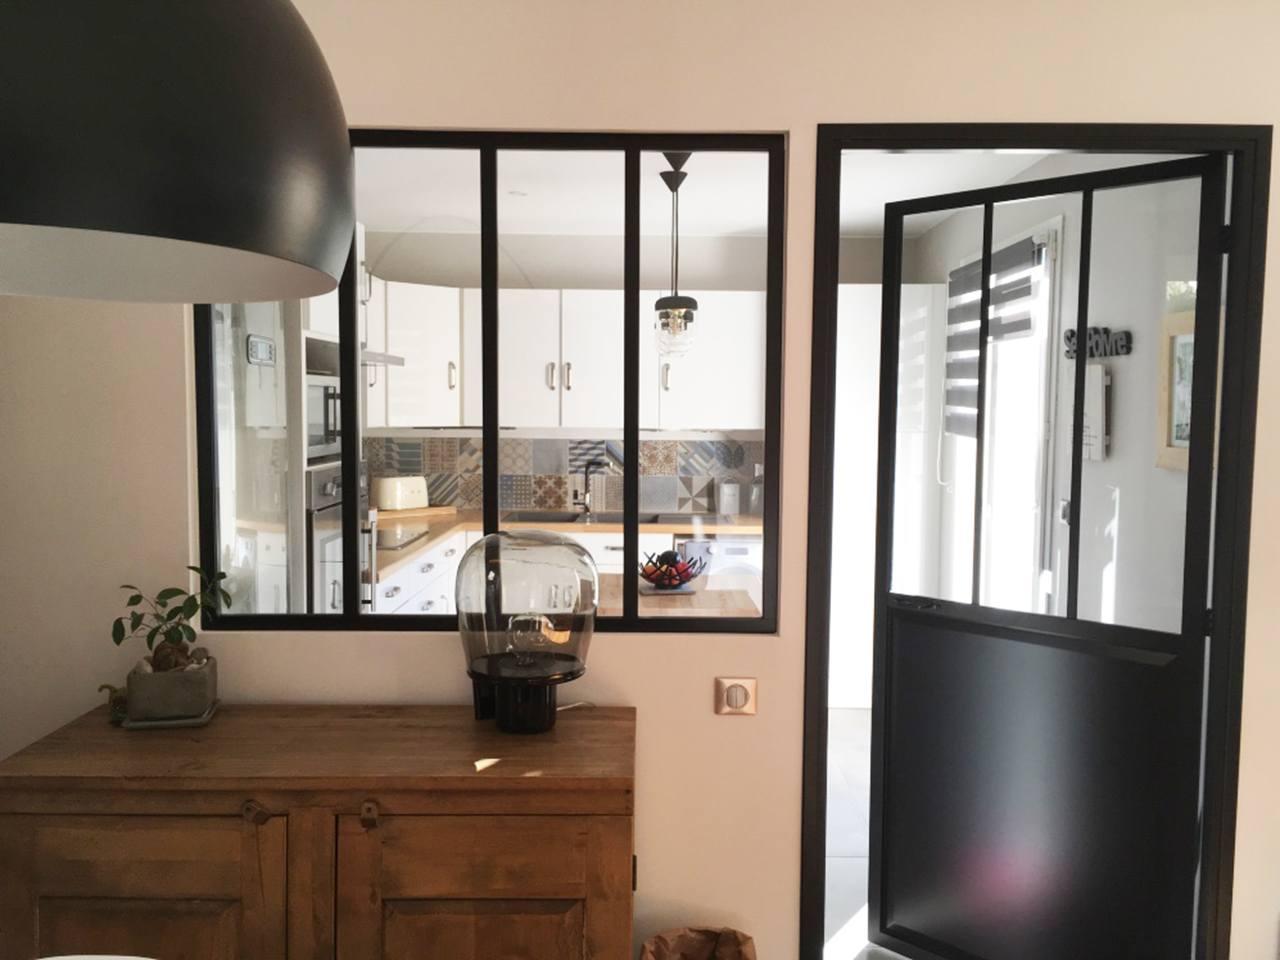 Verri re atelier cuisine p gomas smaltdesign for Verriere atelier cuisine